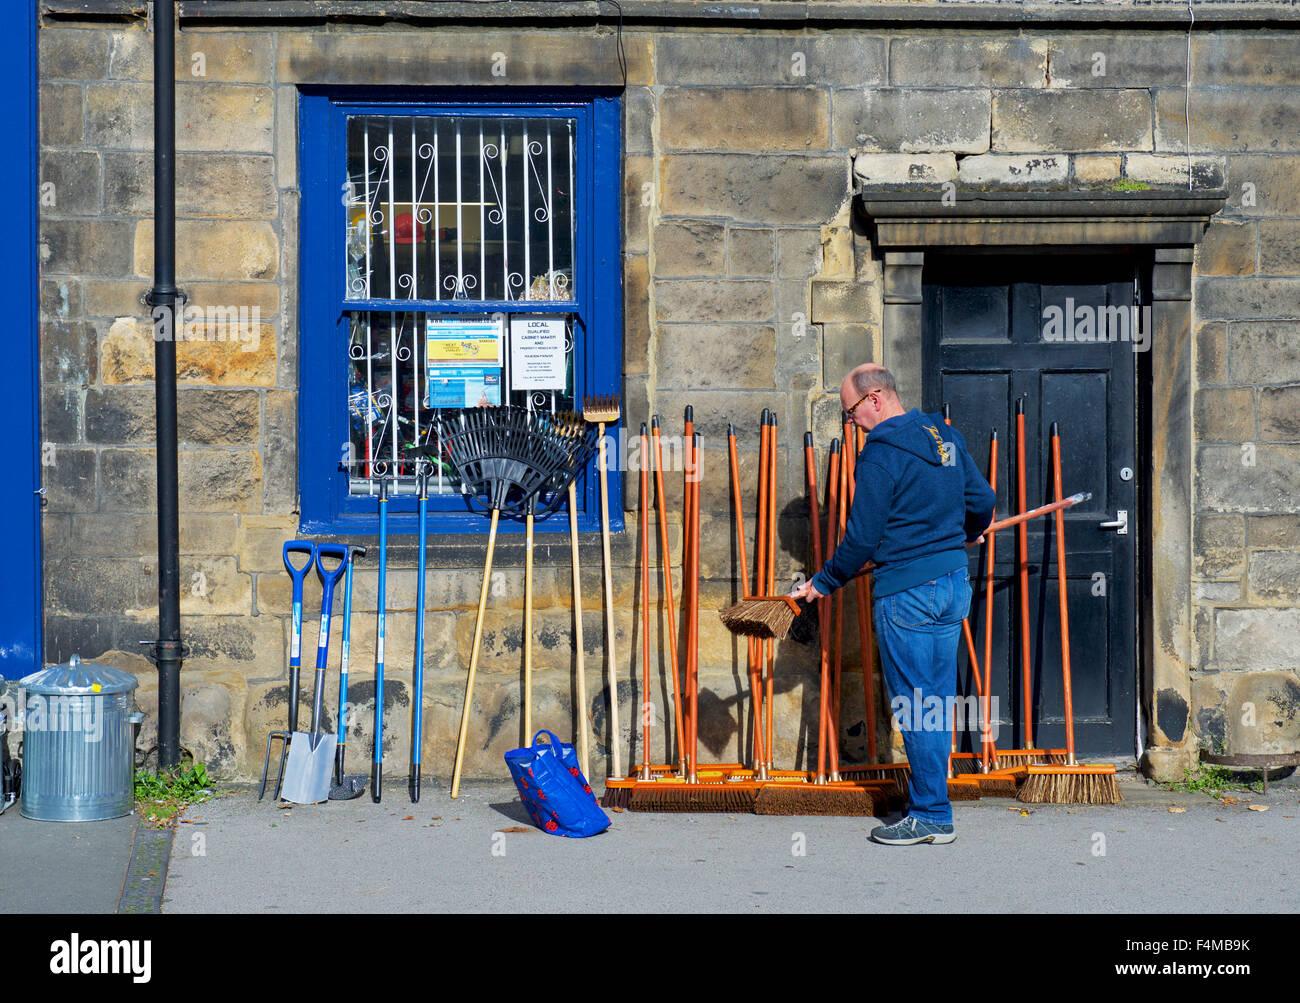 Le choix d'un homme en dehors du balai un magasin à Otley, West Yorkshire, England UK Photo Stock